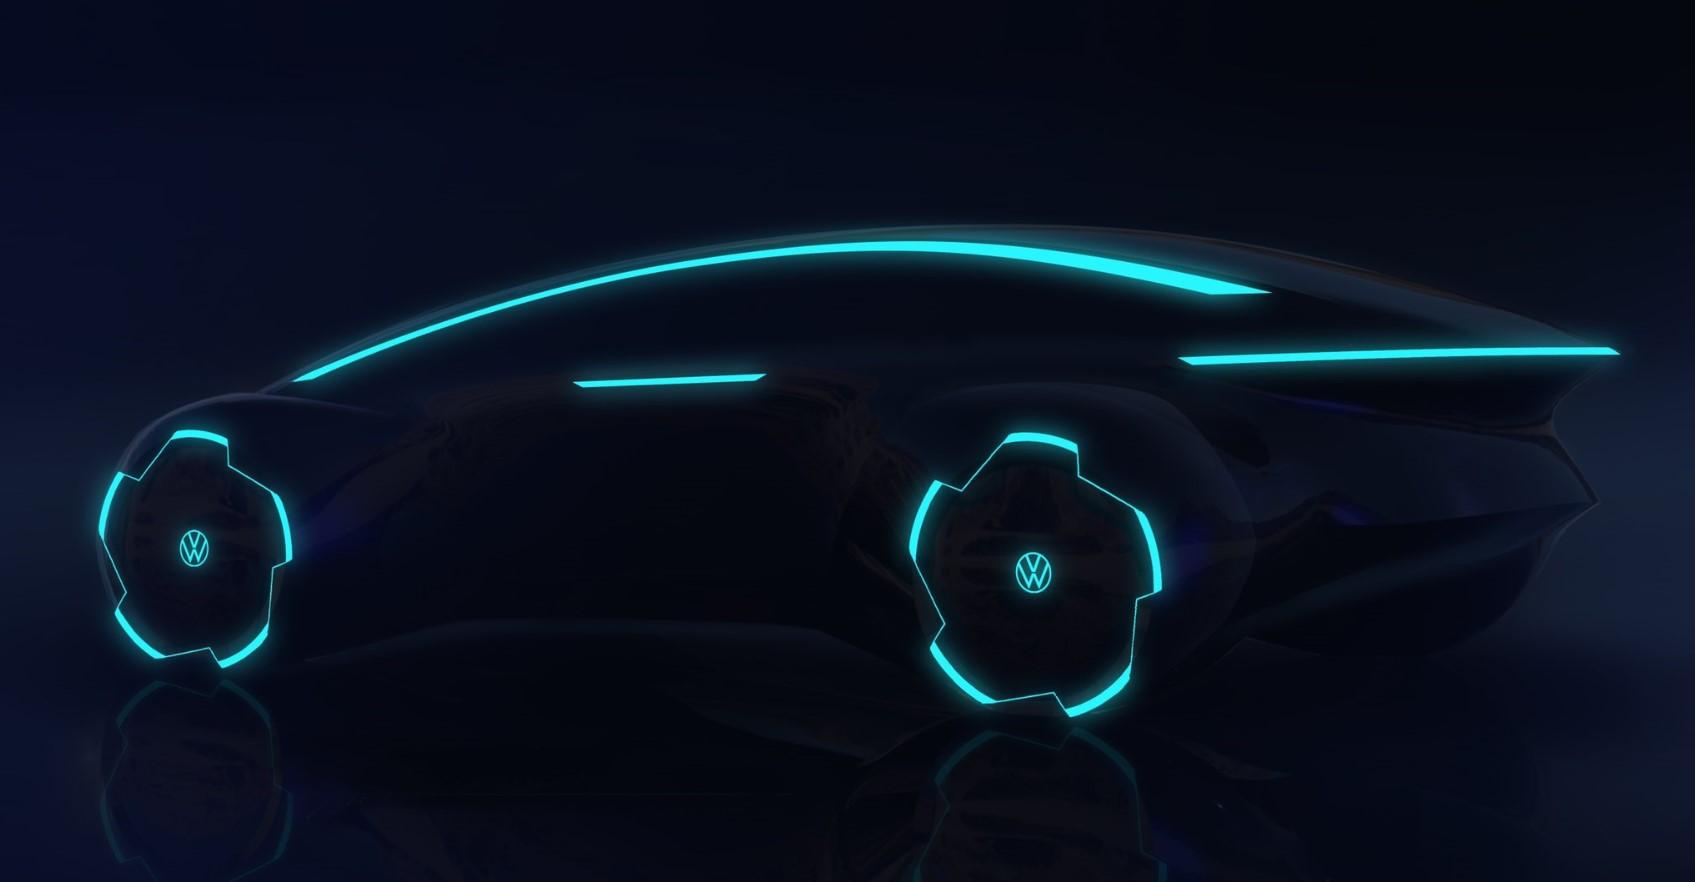 Volkswagen хочет запустить массовый электромобиль с автопилотом Trinity